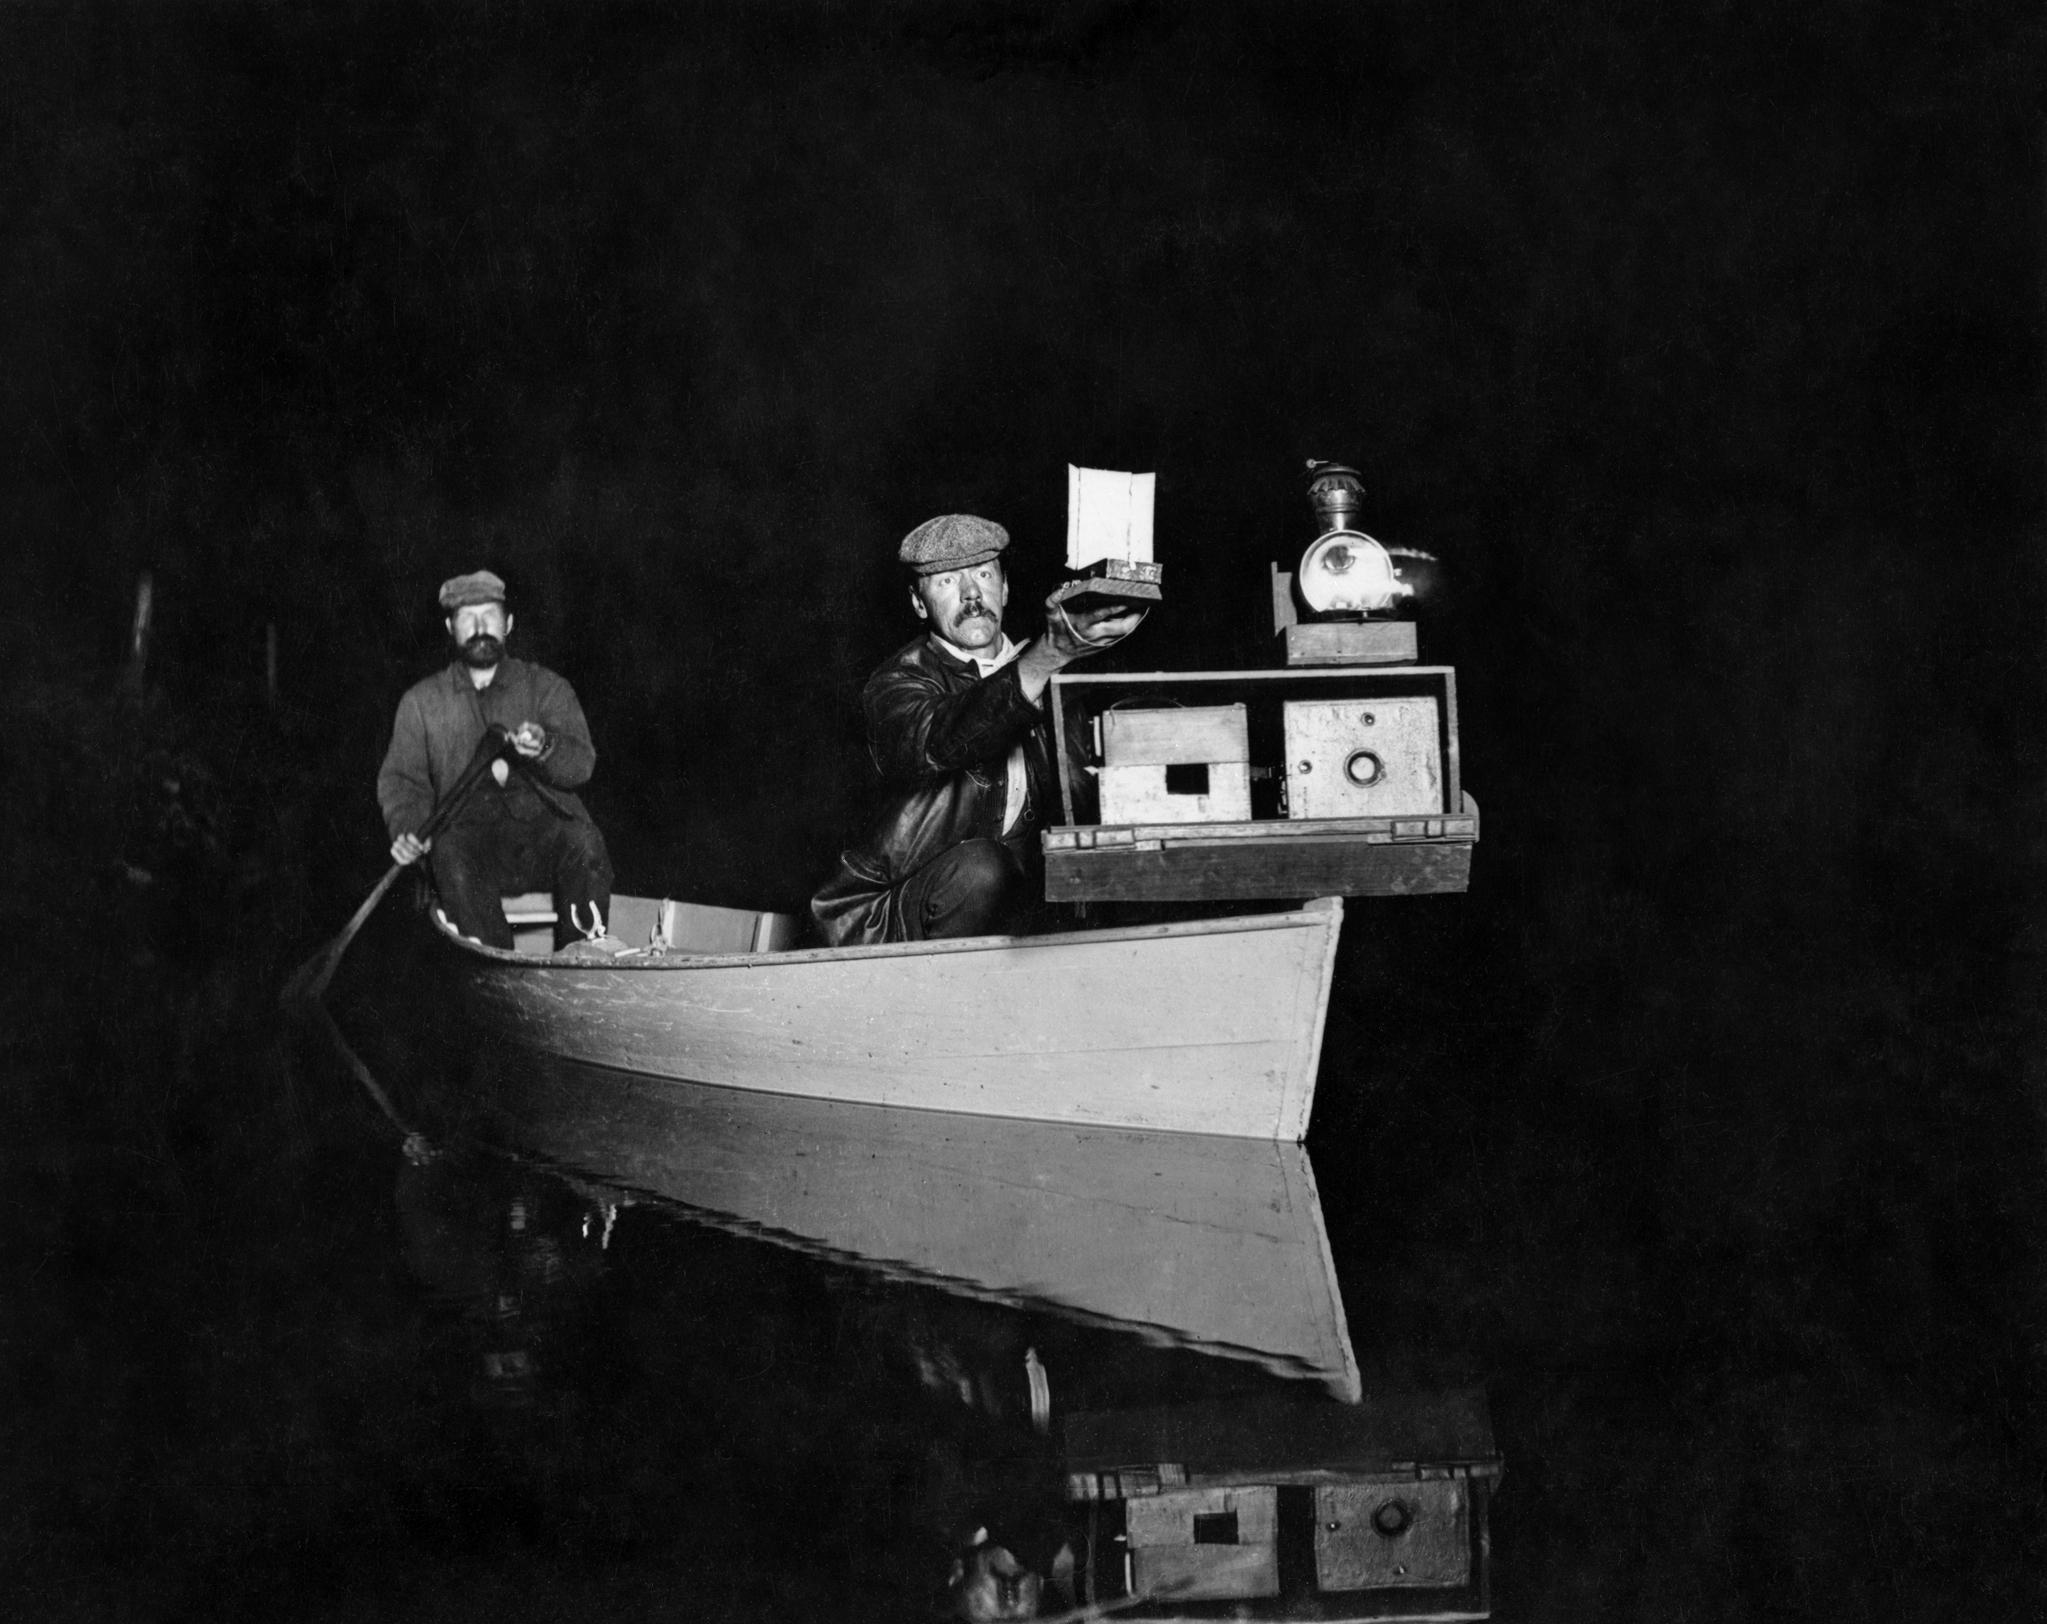 (George Shiras, George Shiras et John Hammer à bord de leur canoë équipé pour le jacklighting, Whitefish Lake, Michigan, 1893 © National Geographic Creative Archives)